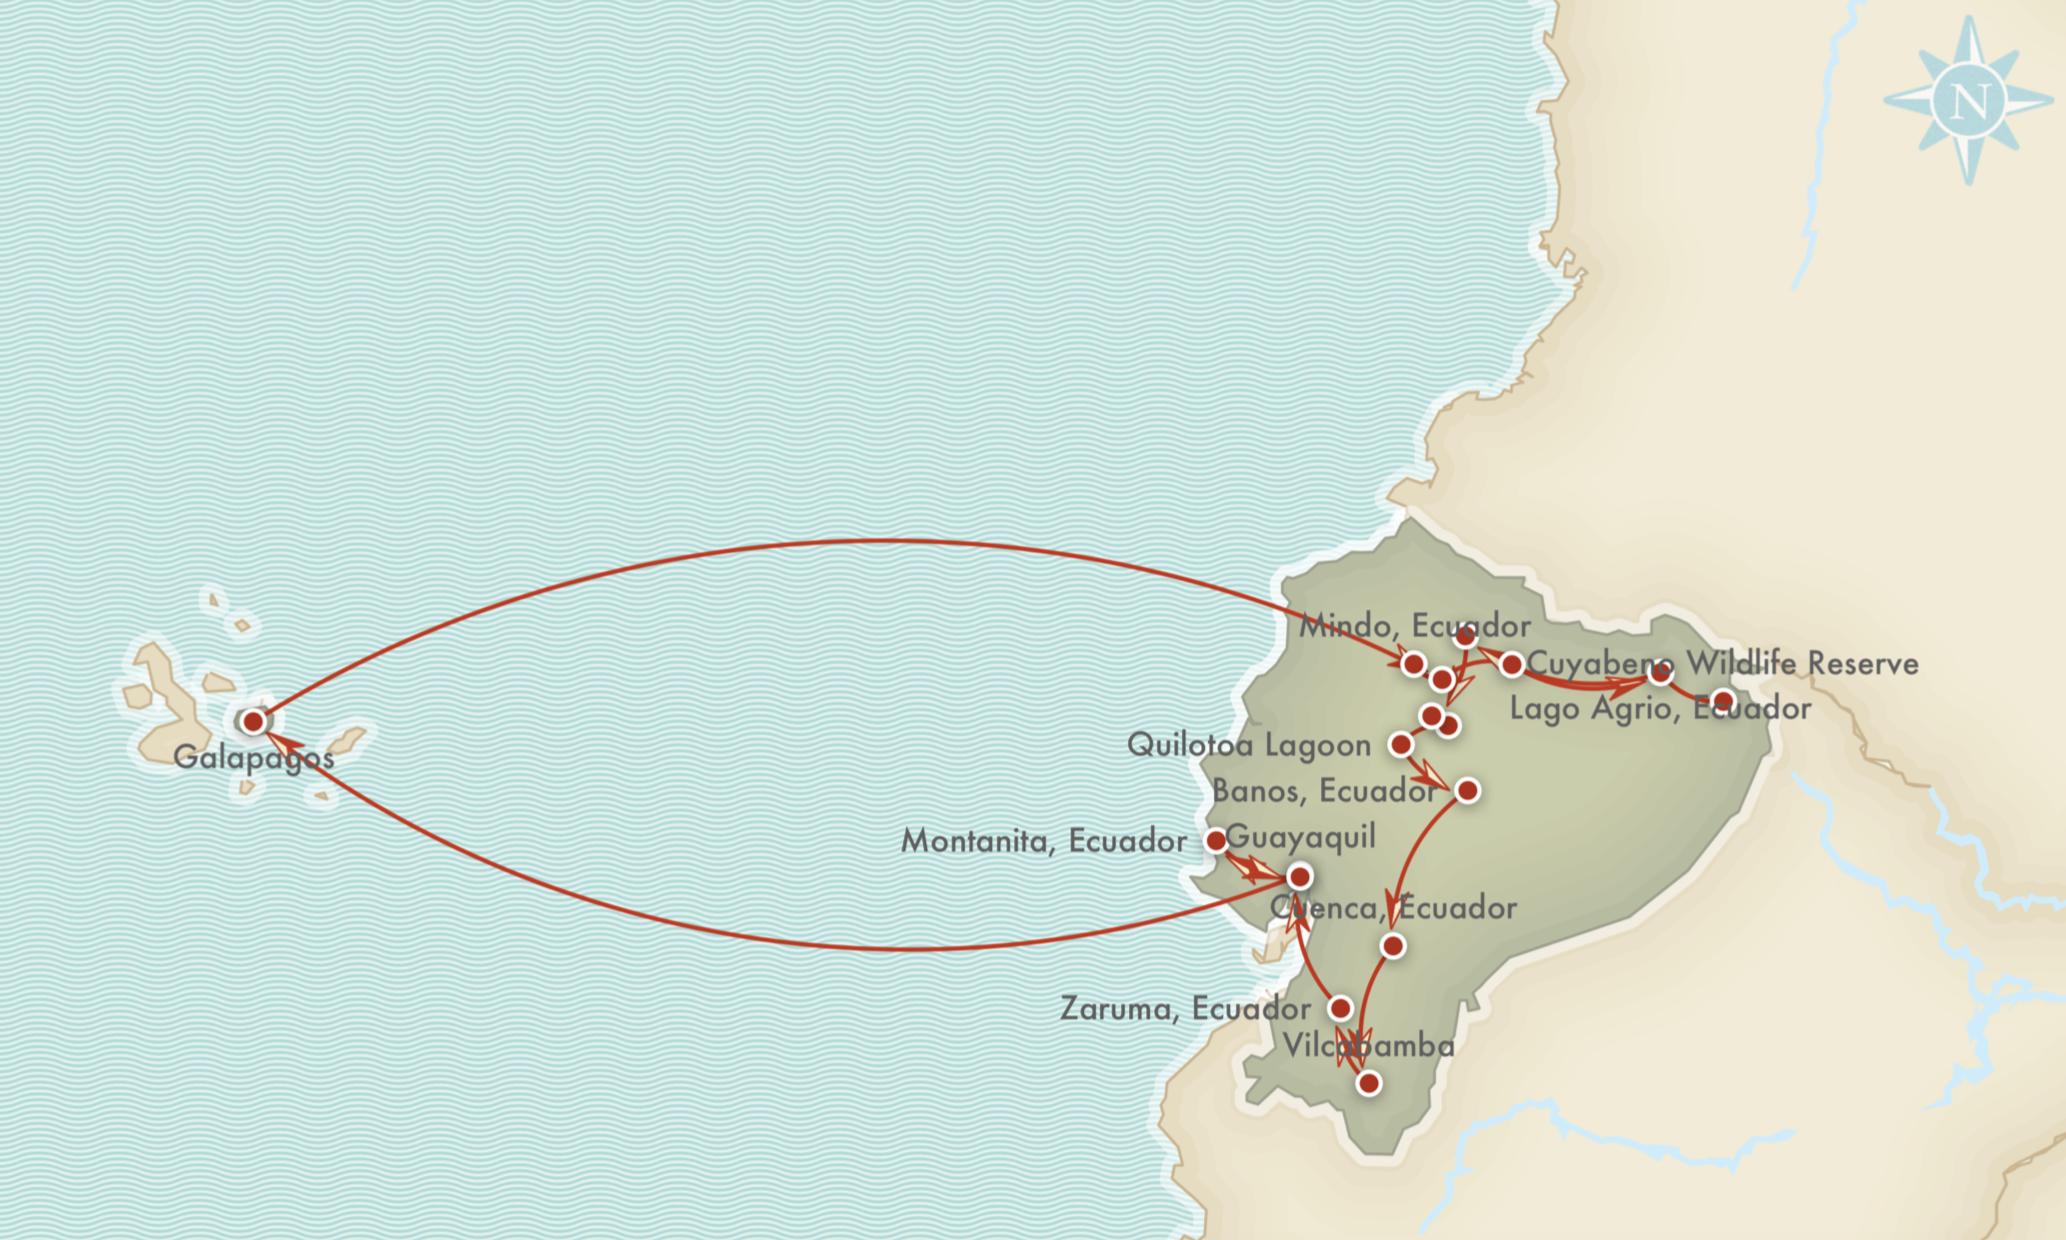 Kort over rejseprogrammet for Eventyrlige Ecuador & Galápagos